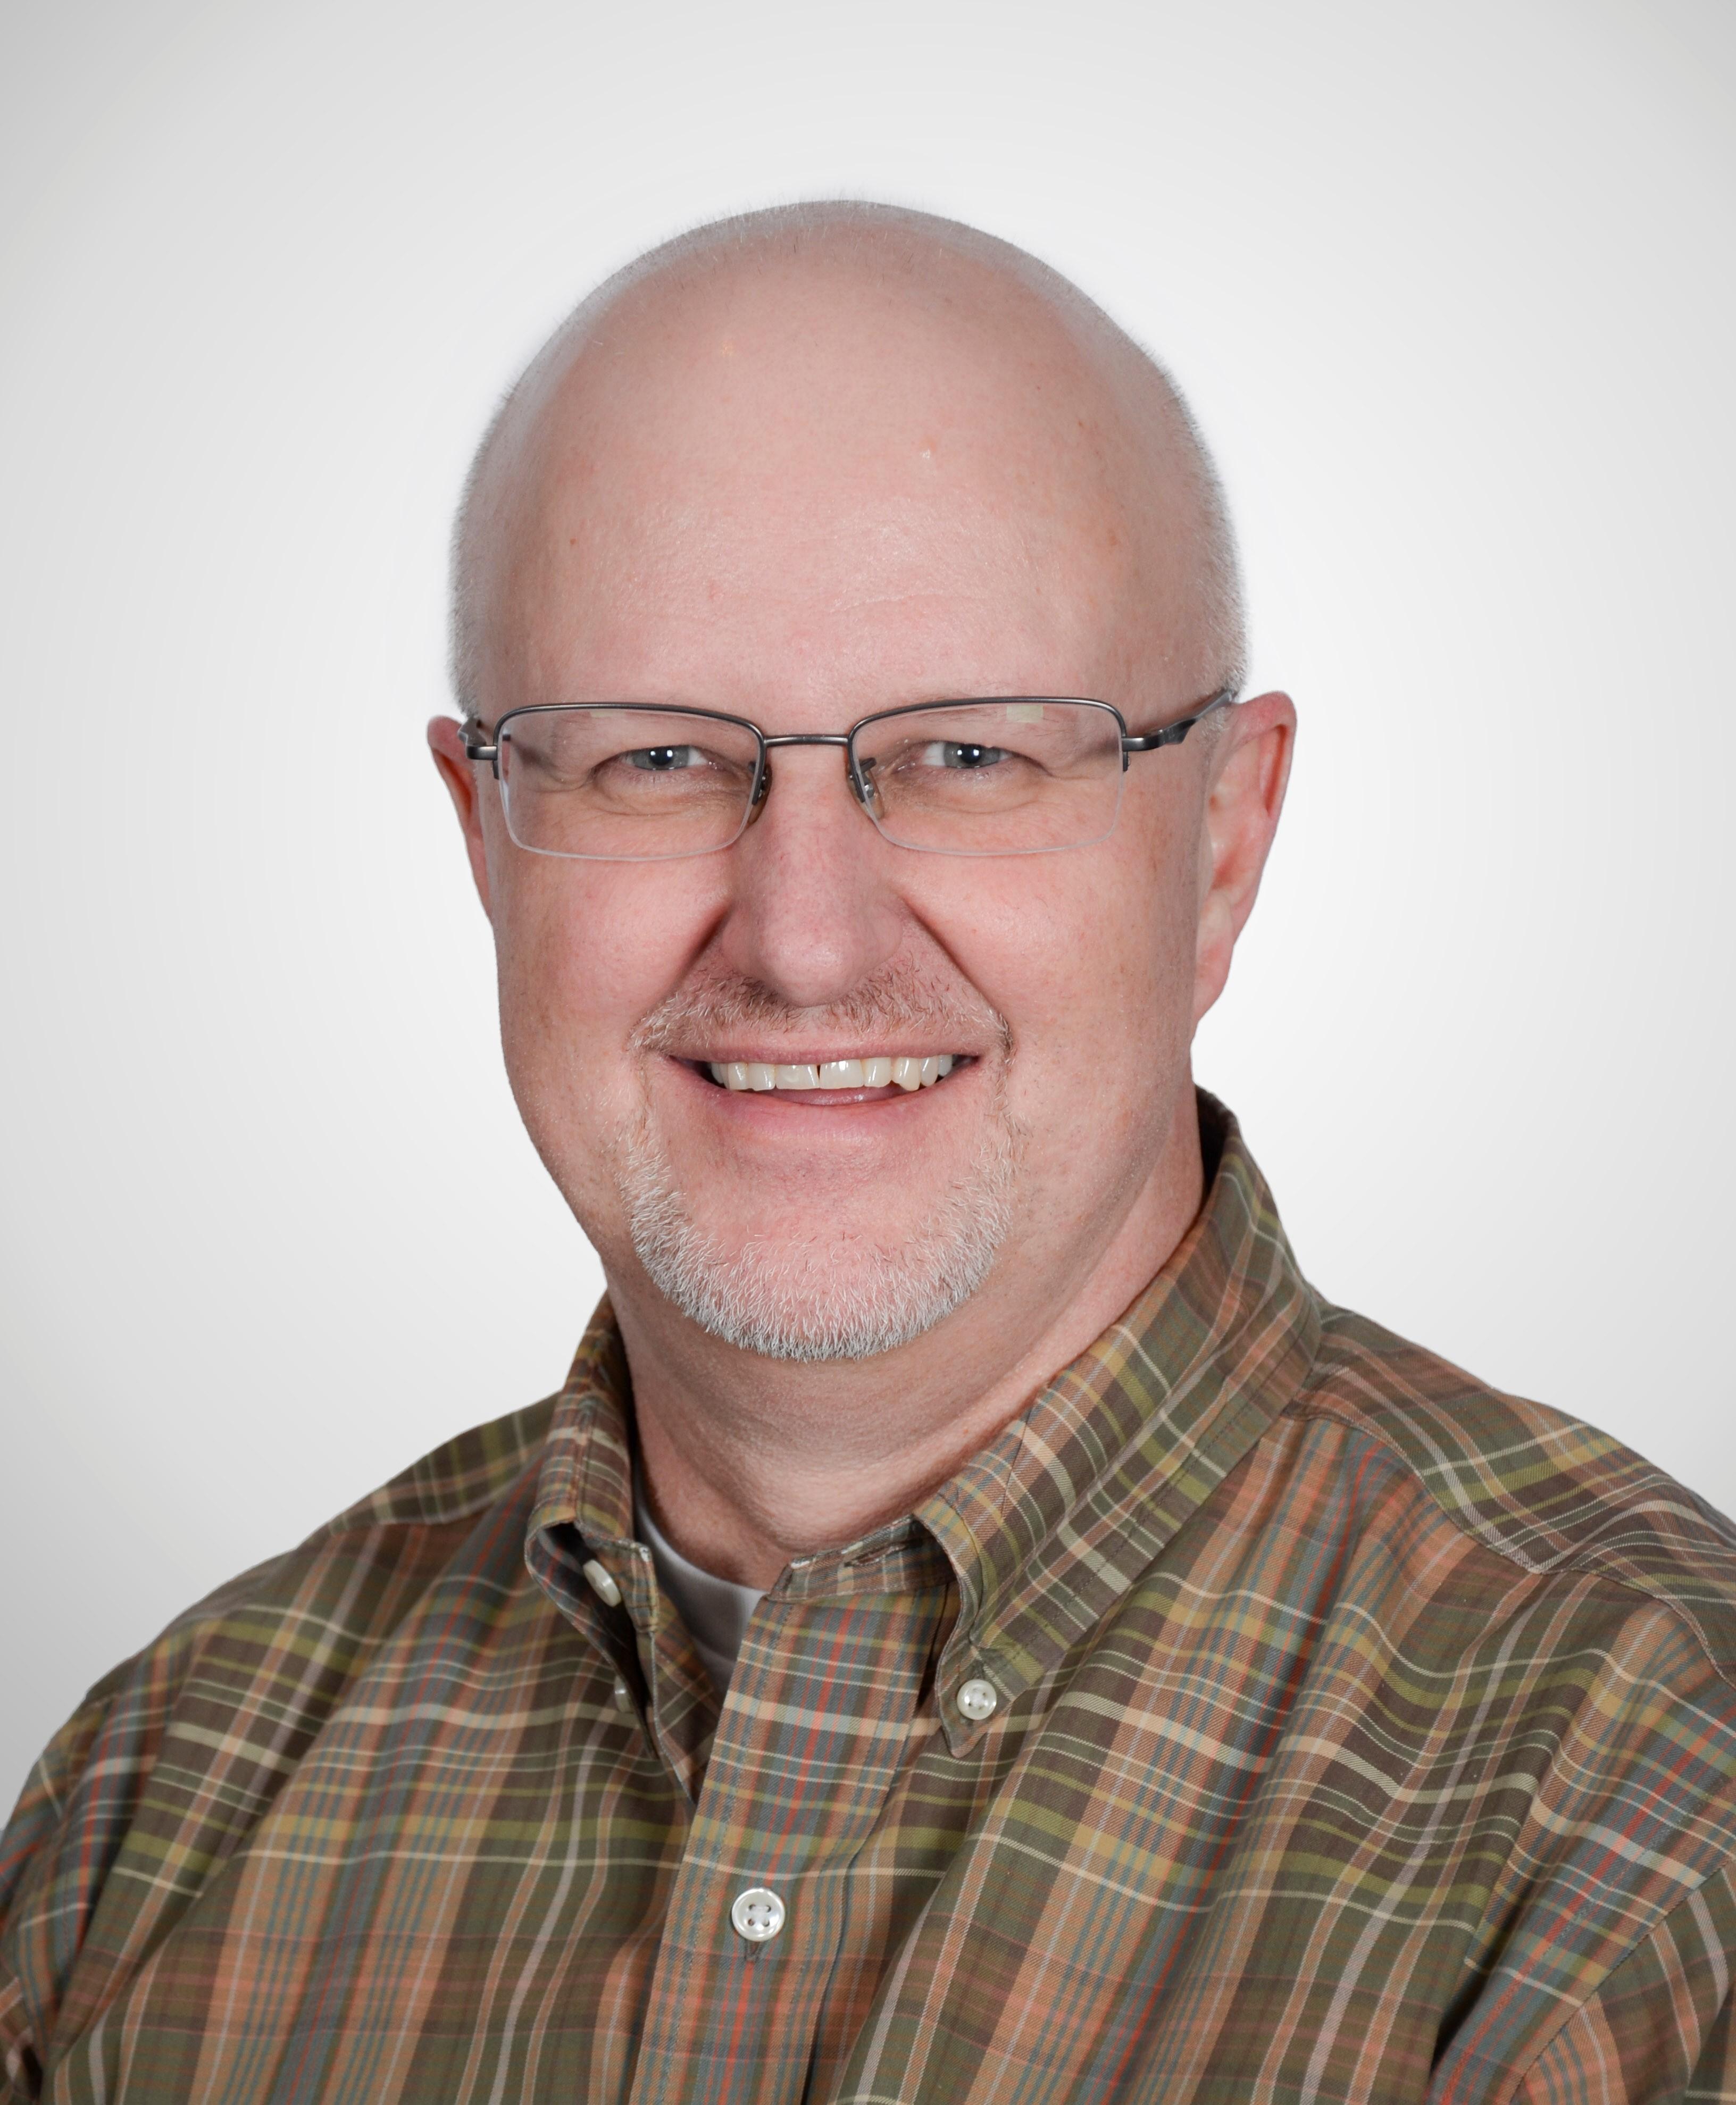 Doug Mayer